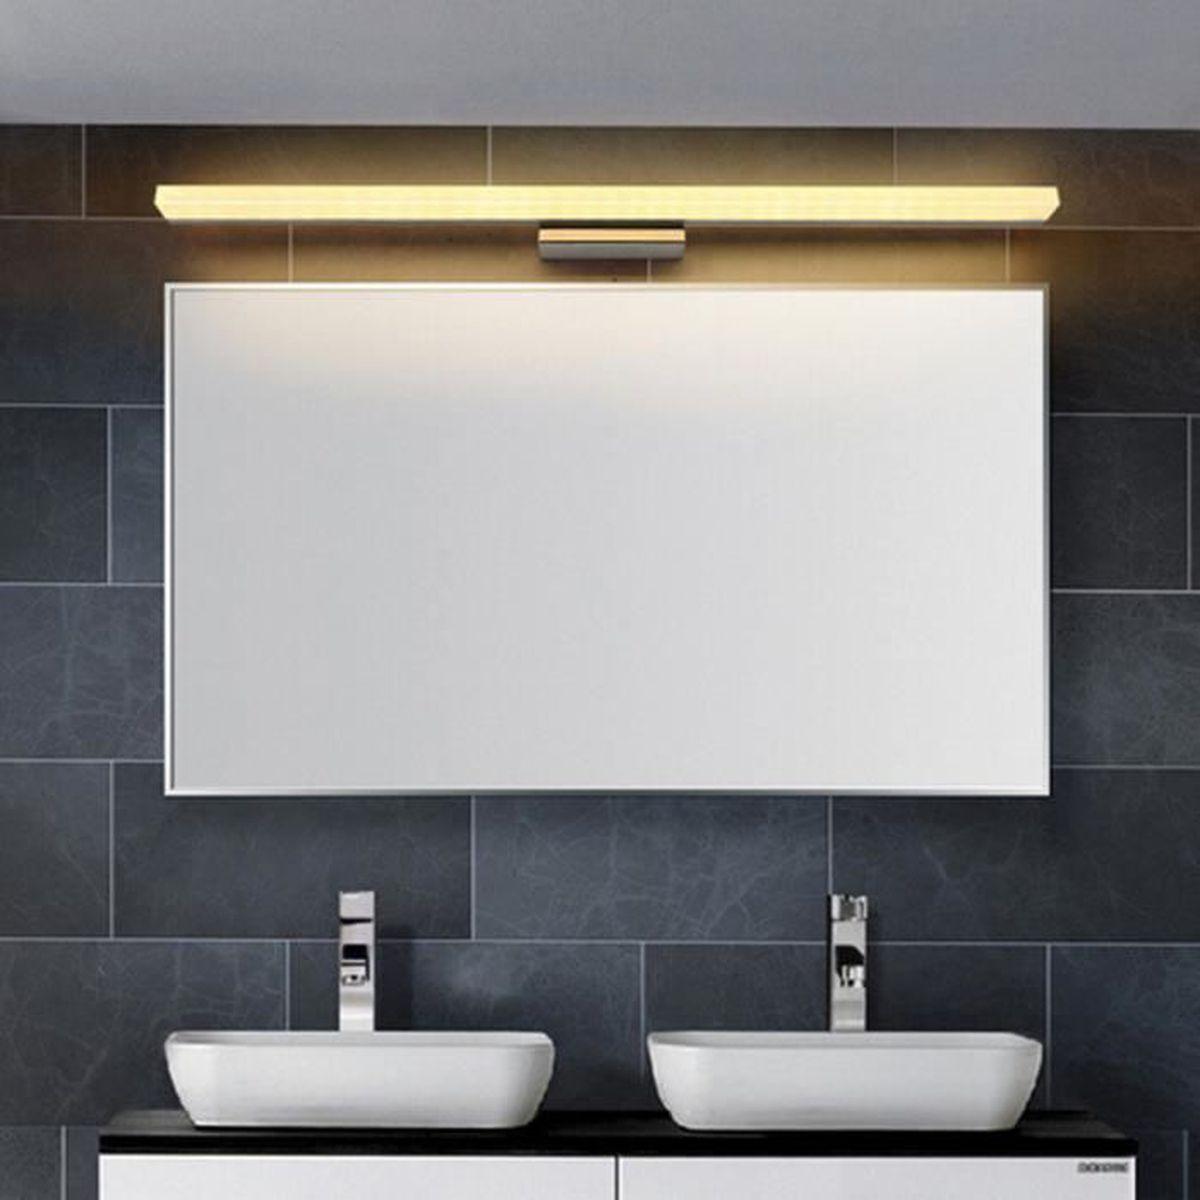 Tableau Salle De Bain 7w salle de bain mural miroir tableau led lampe applique